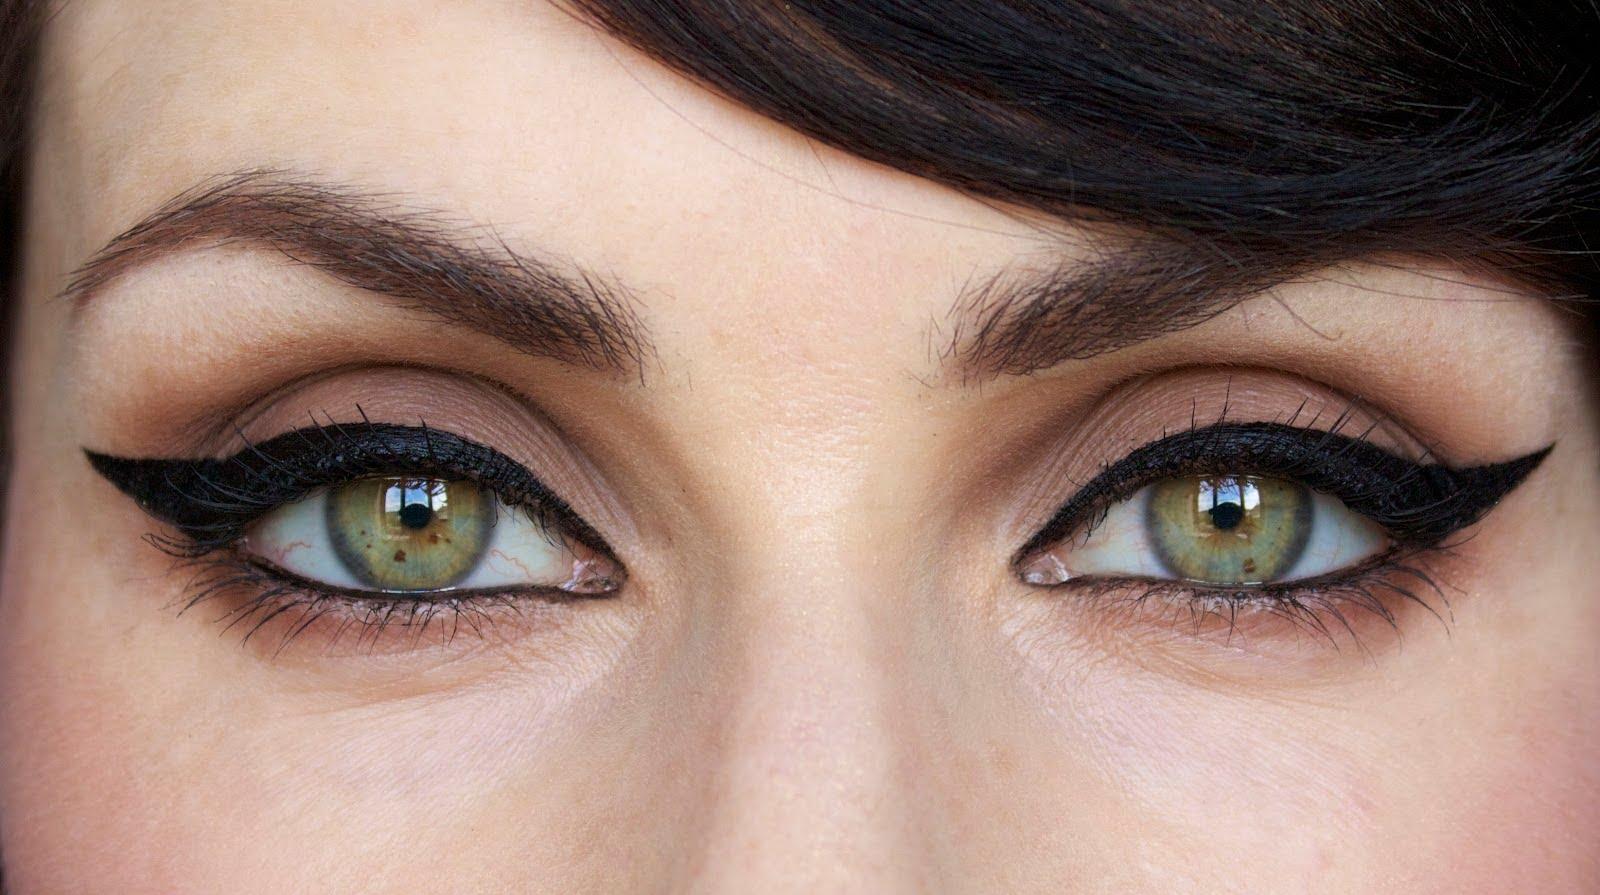 بالصور صور عيون خضر , اجمل عيون خضراء فى العالم 145 5